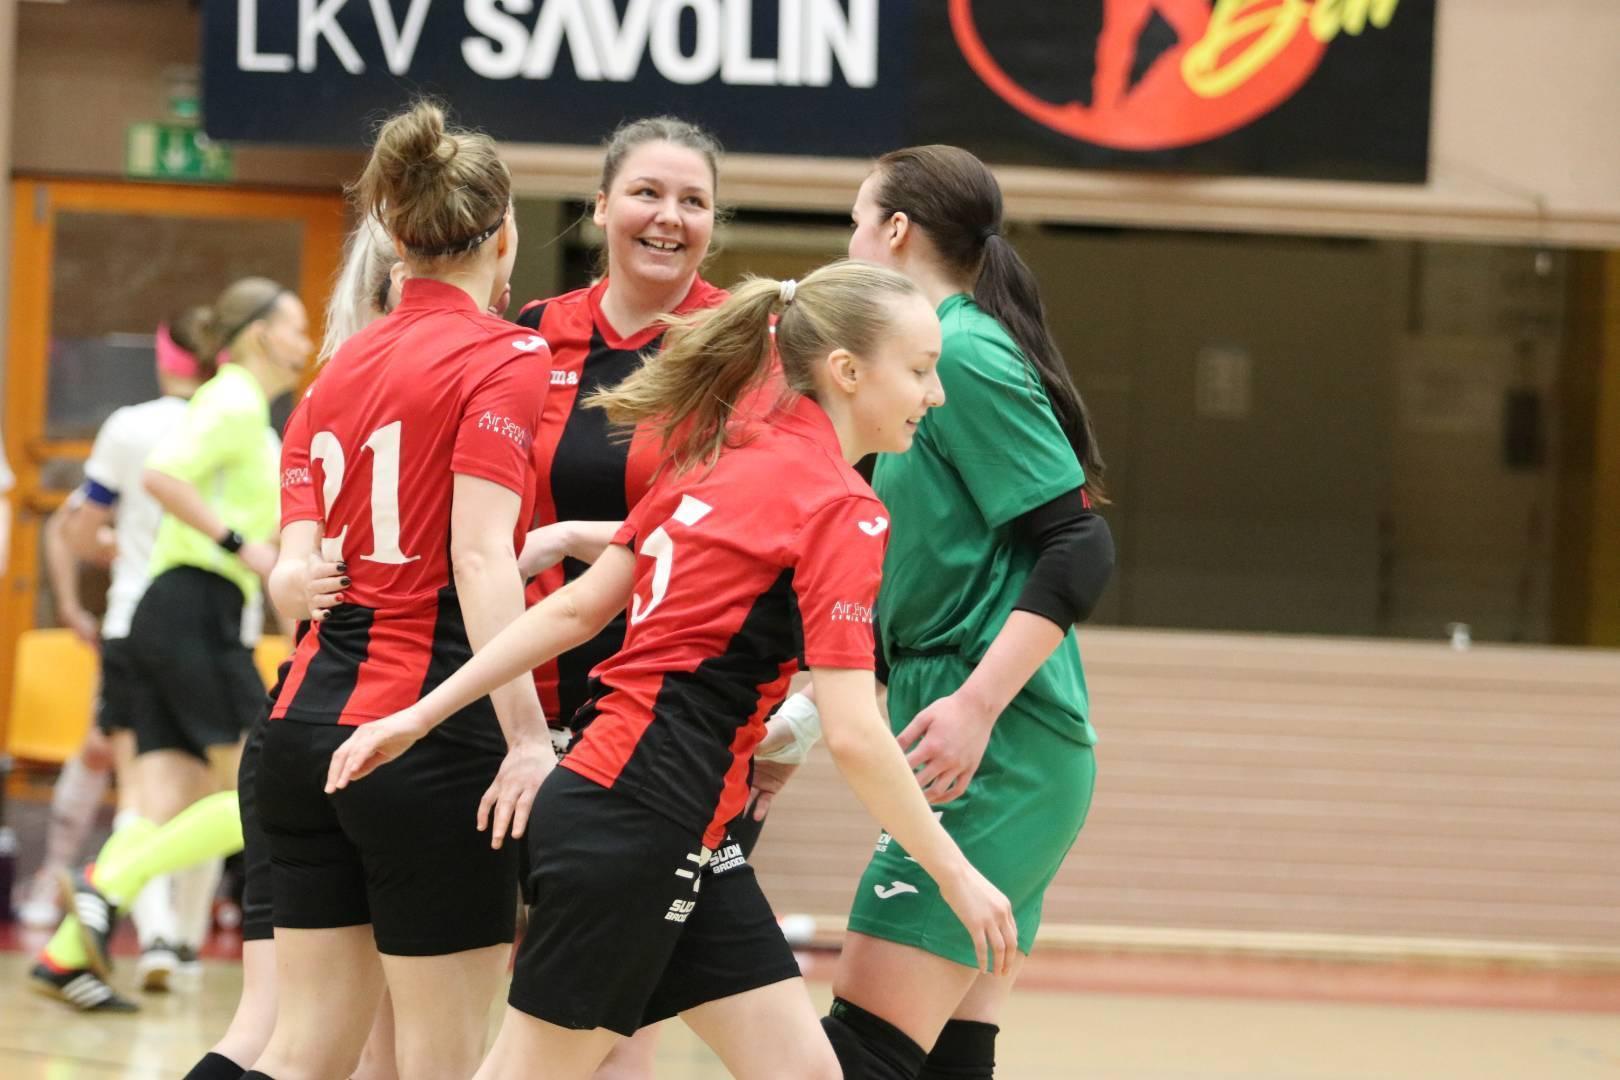 Naiset matkaavat Espooseen saalistamaan välieräpaikkaa